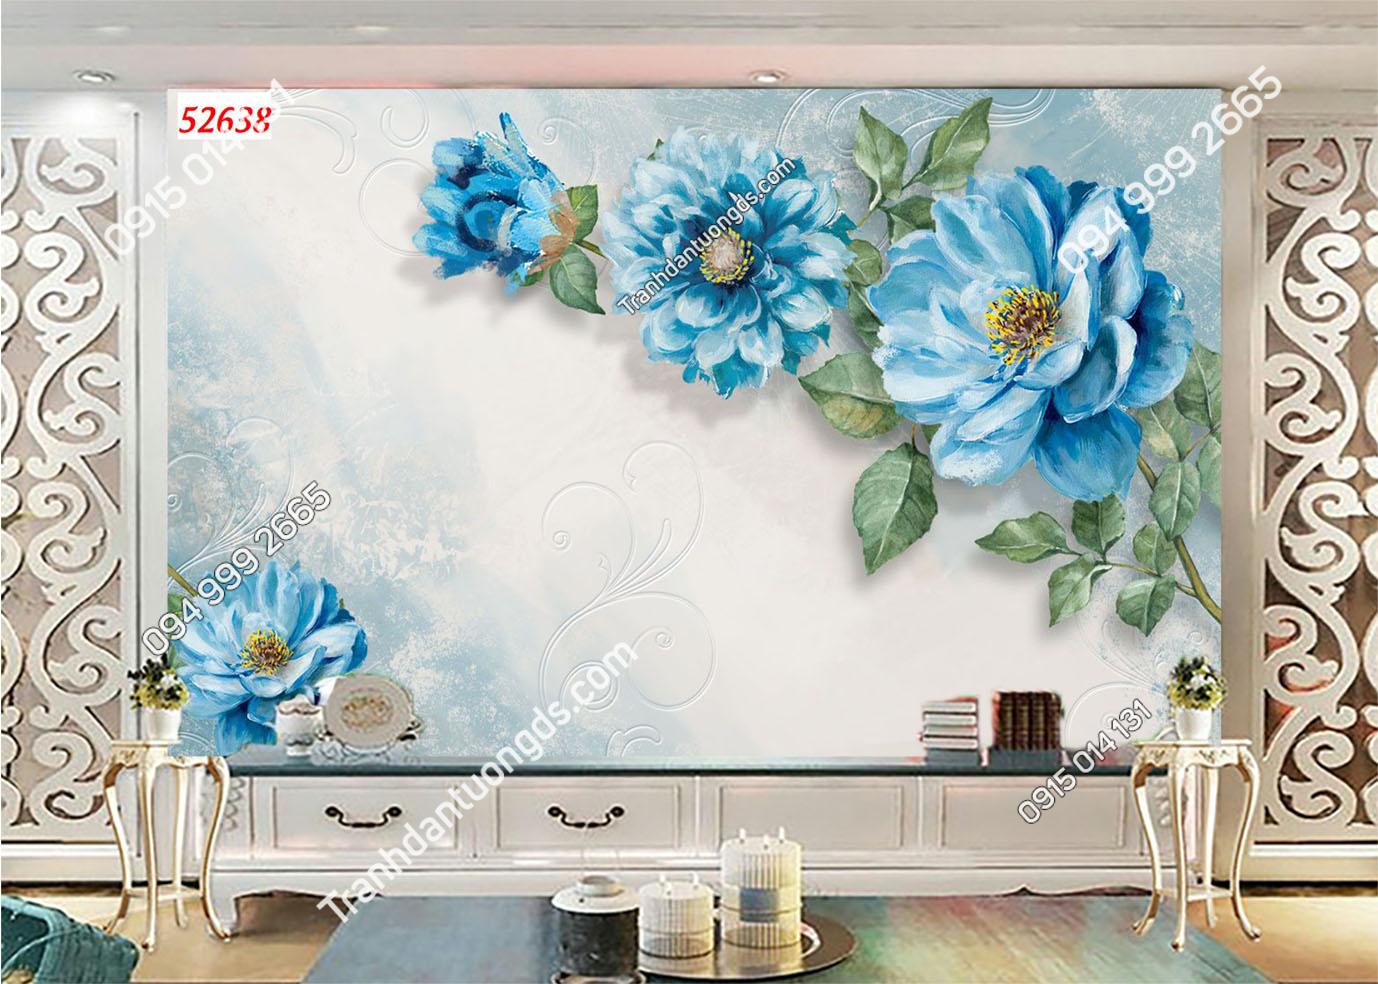 Tranh hoa giả ngọc xanh 3D 52638